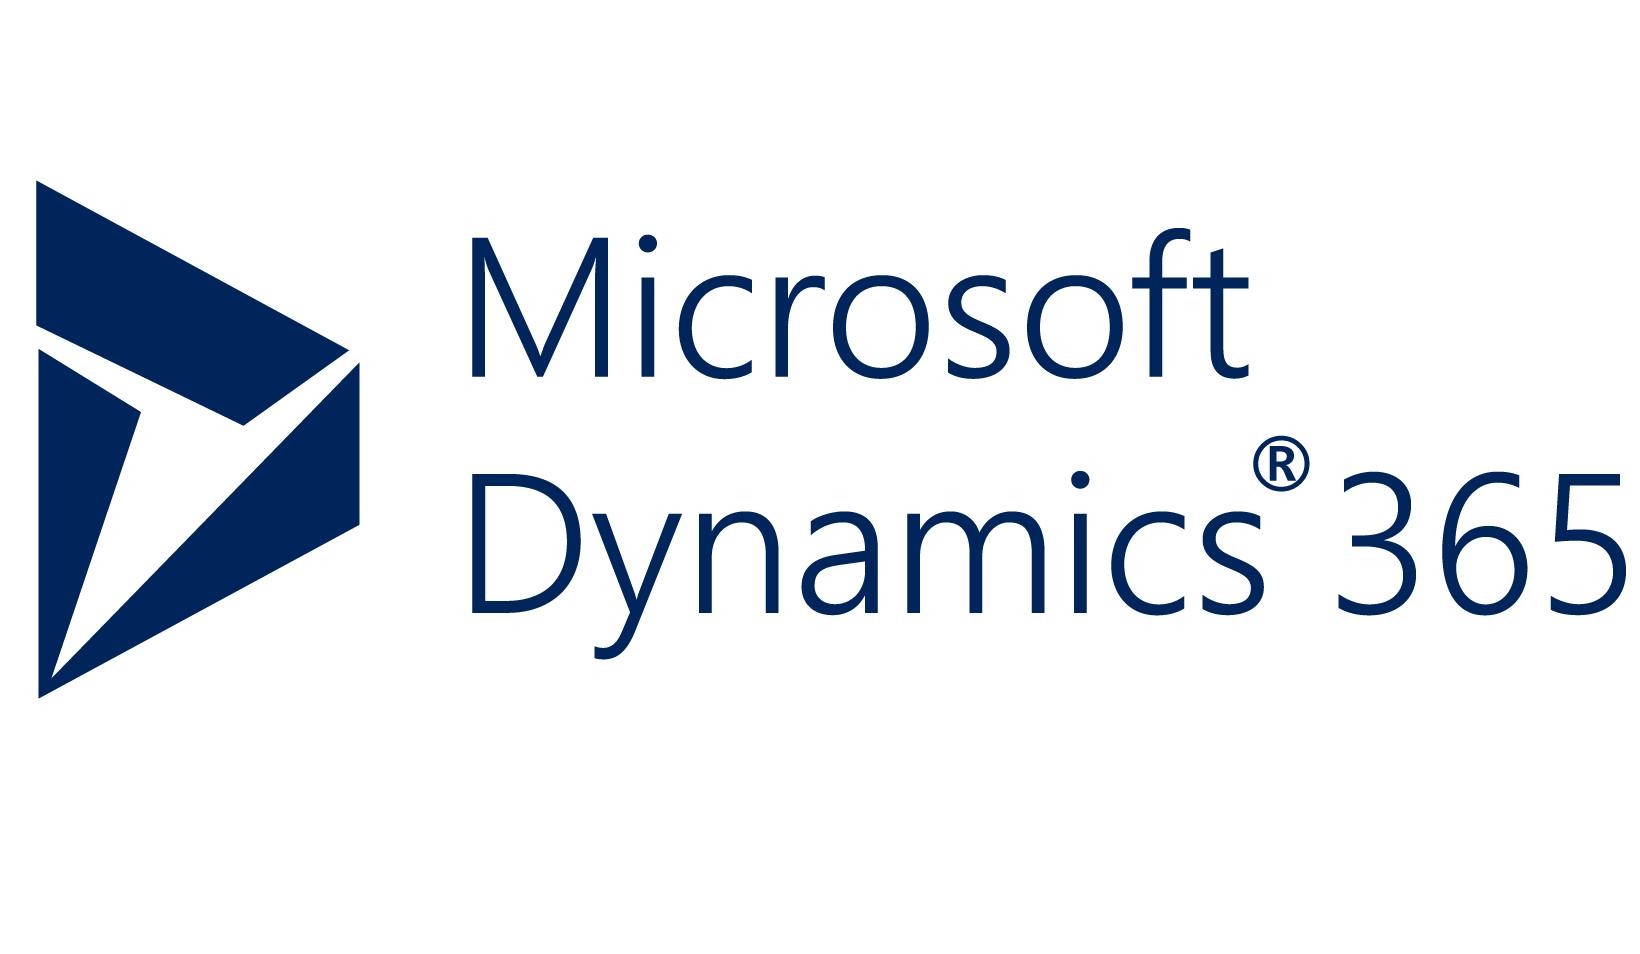 dynamics-365-logo-1.png